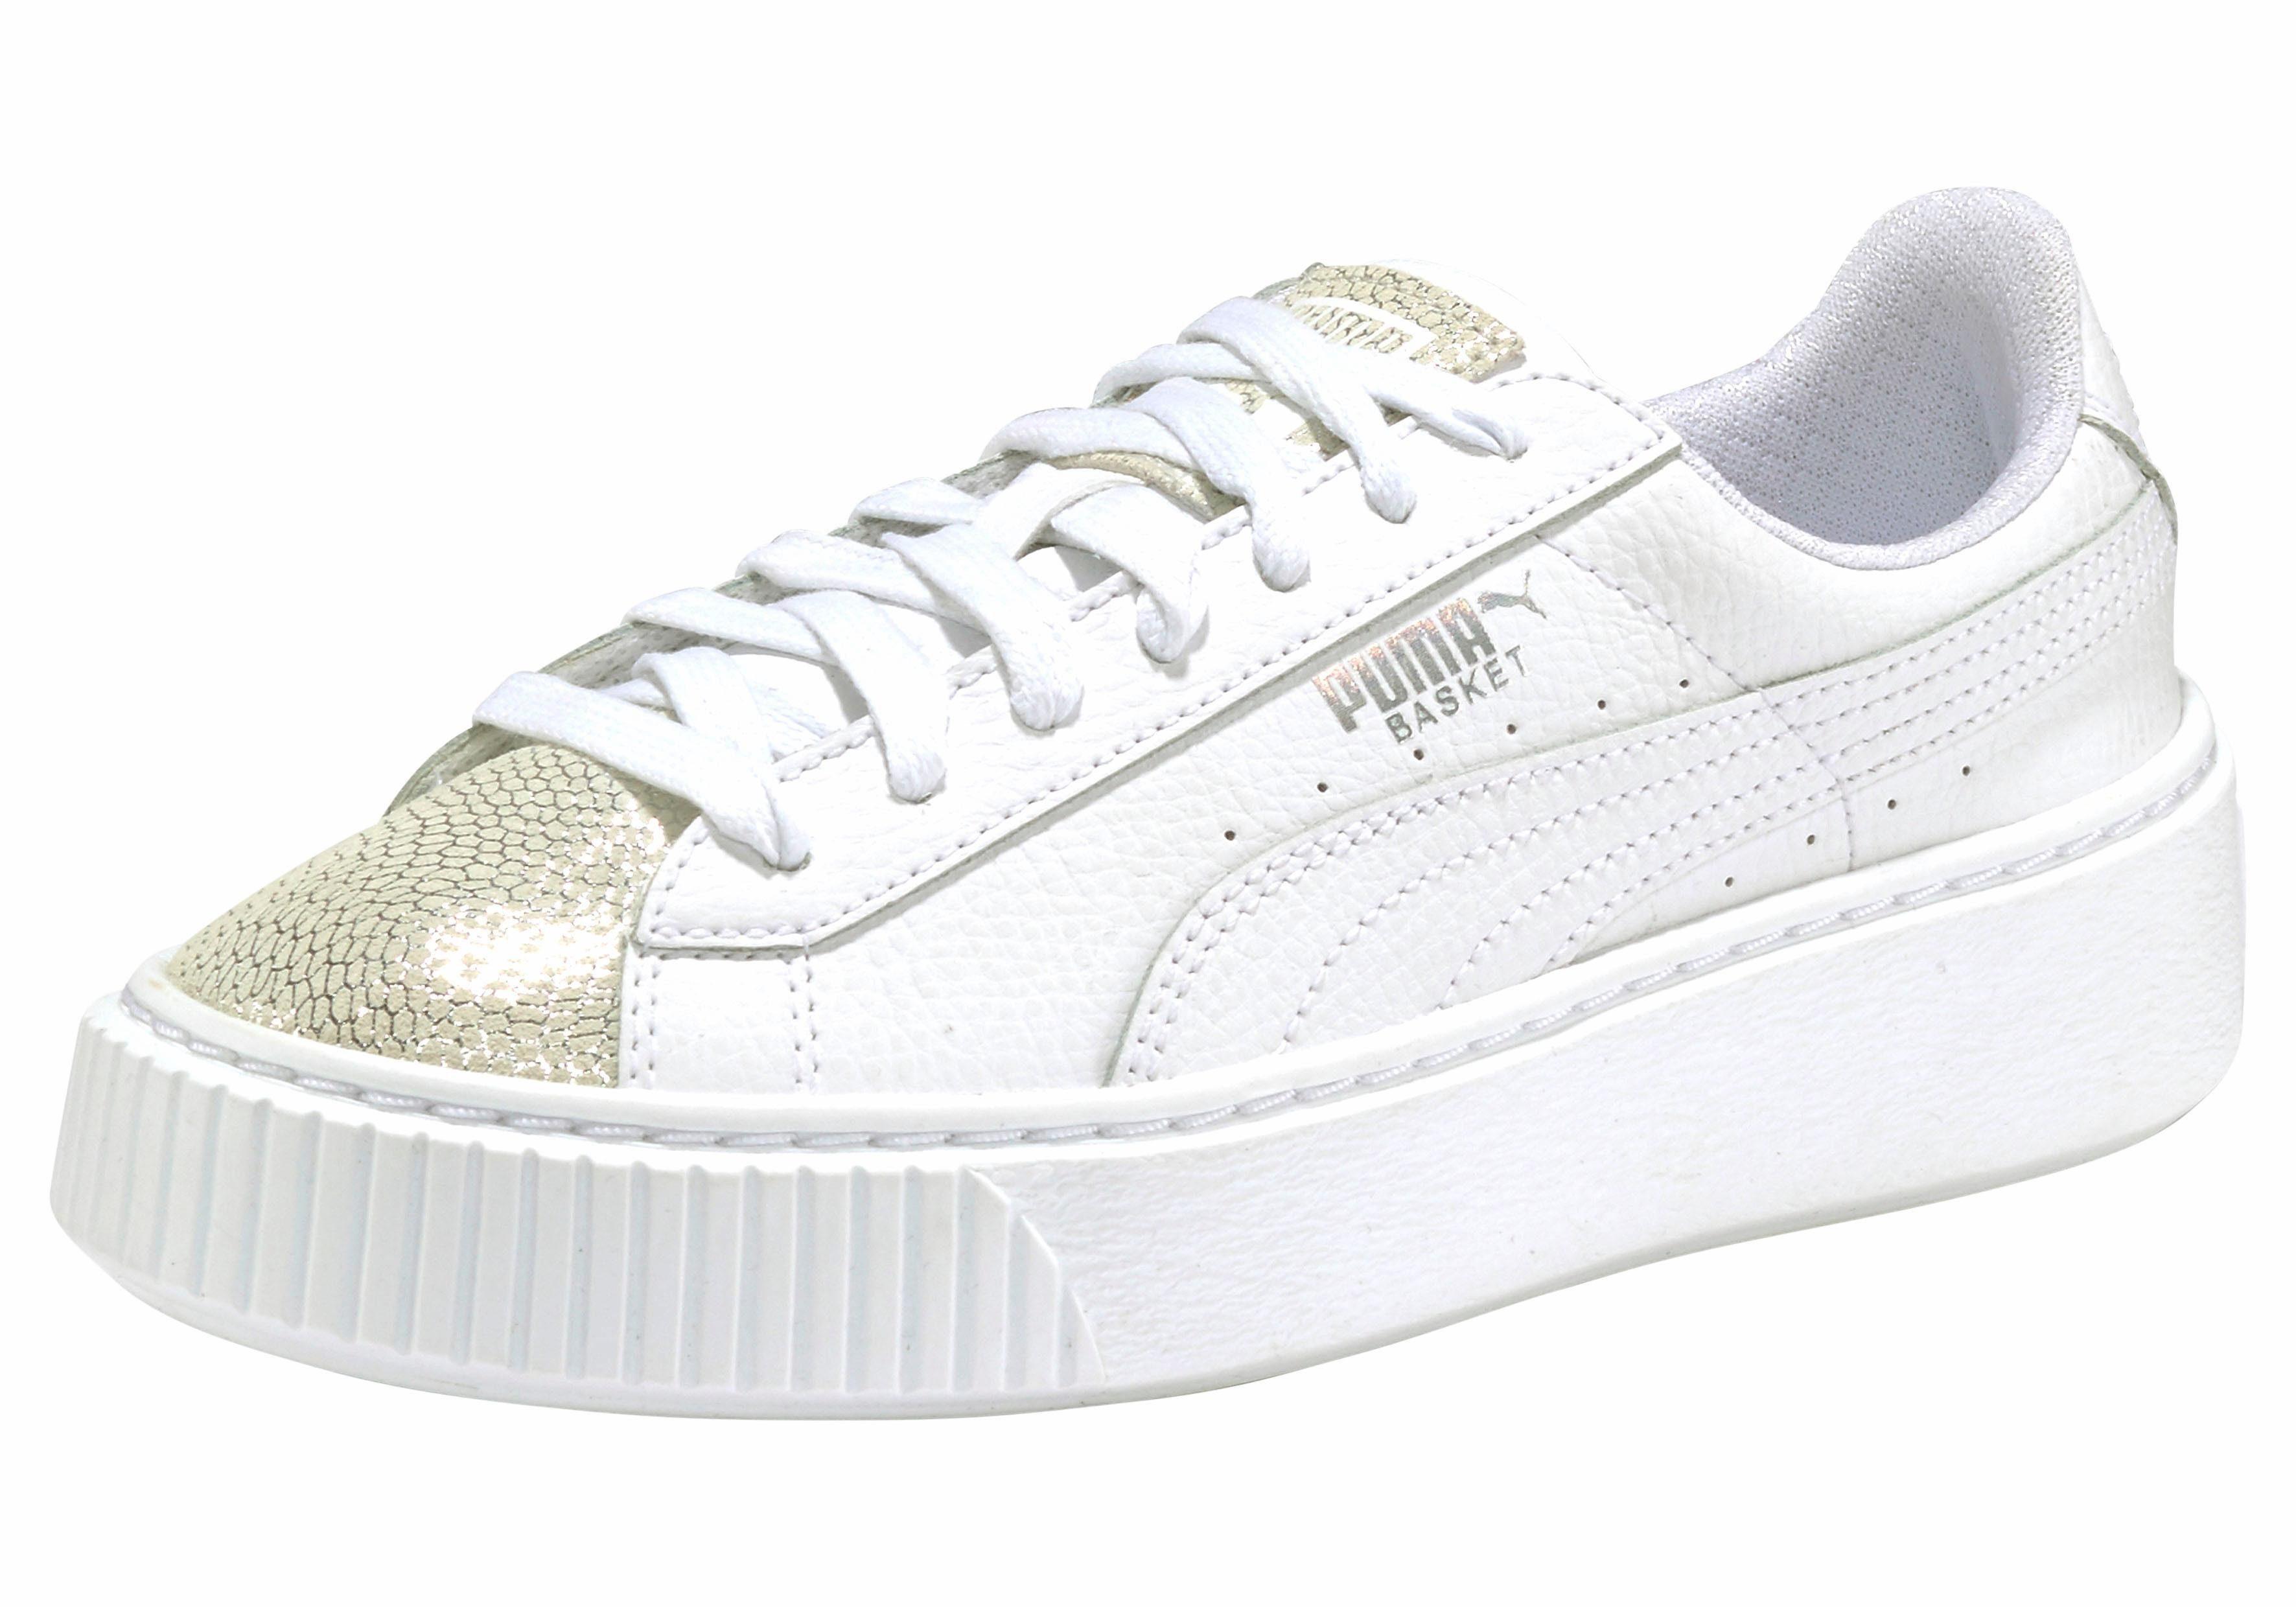 PUMA Basket Platform Glitzer Sneaker kaufen  weiß